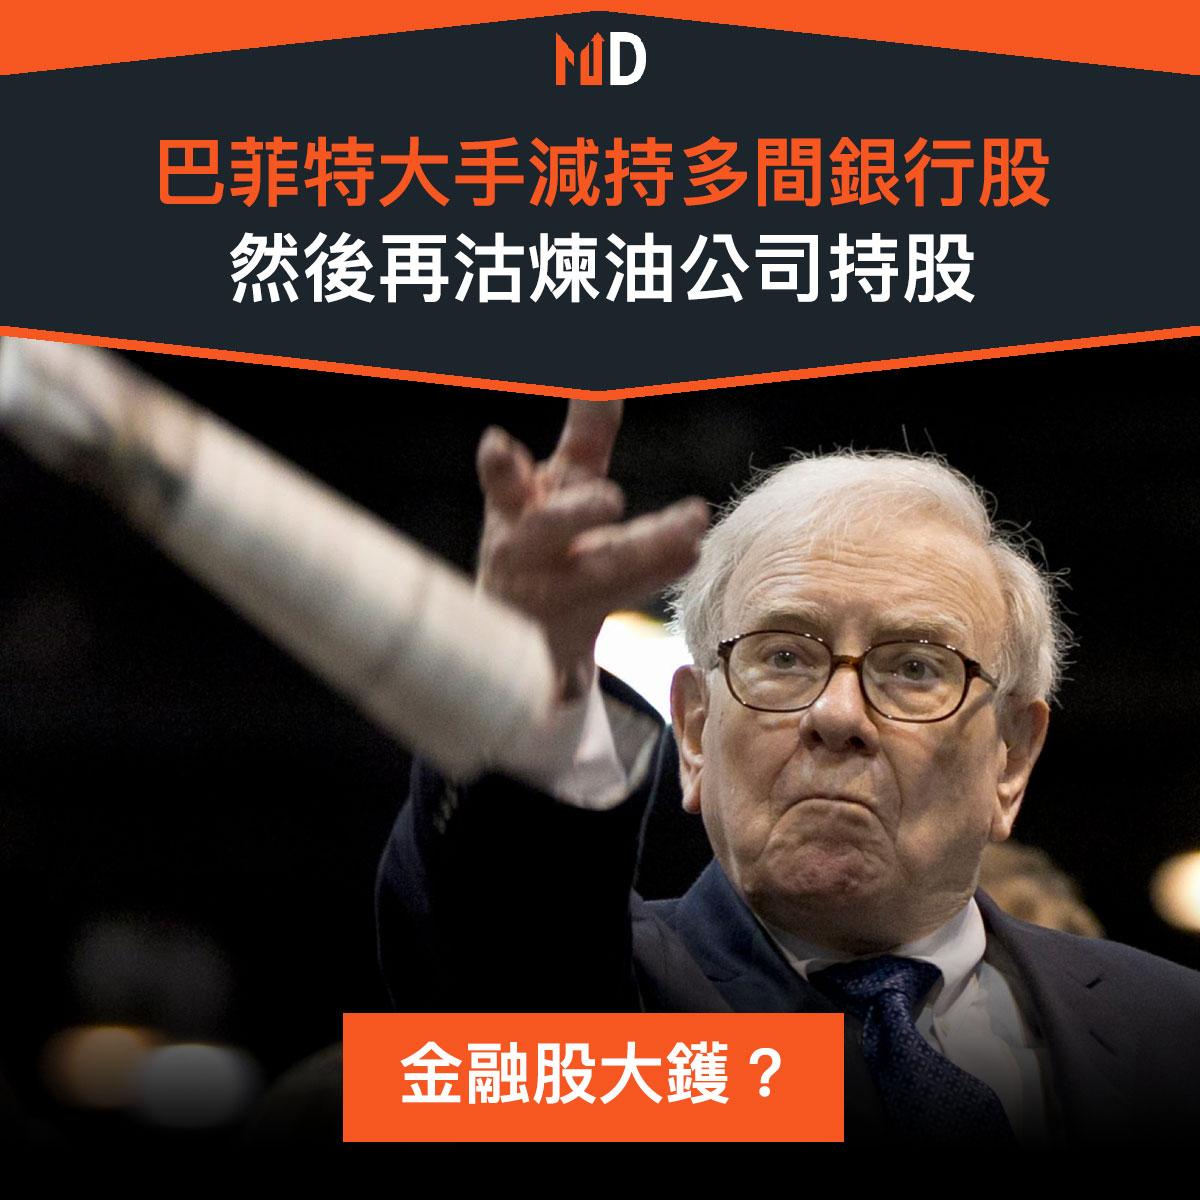 【市場熱話】巴菲特大手減持多間銀行股,然後再沽煉油公司持股